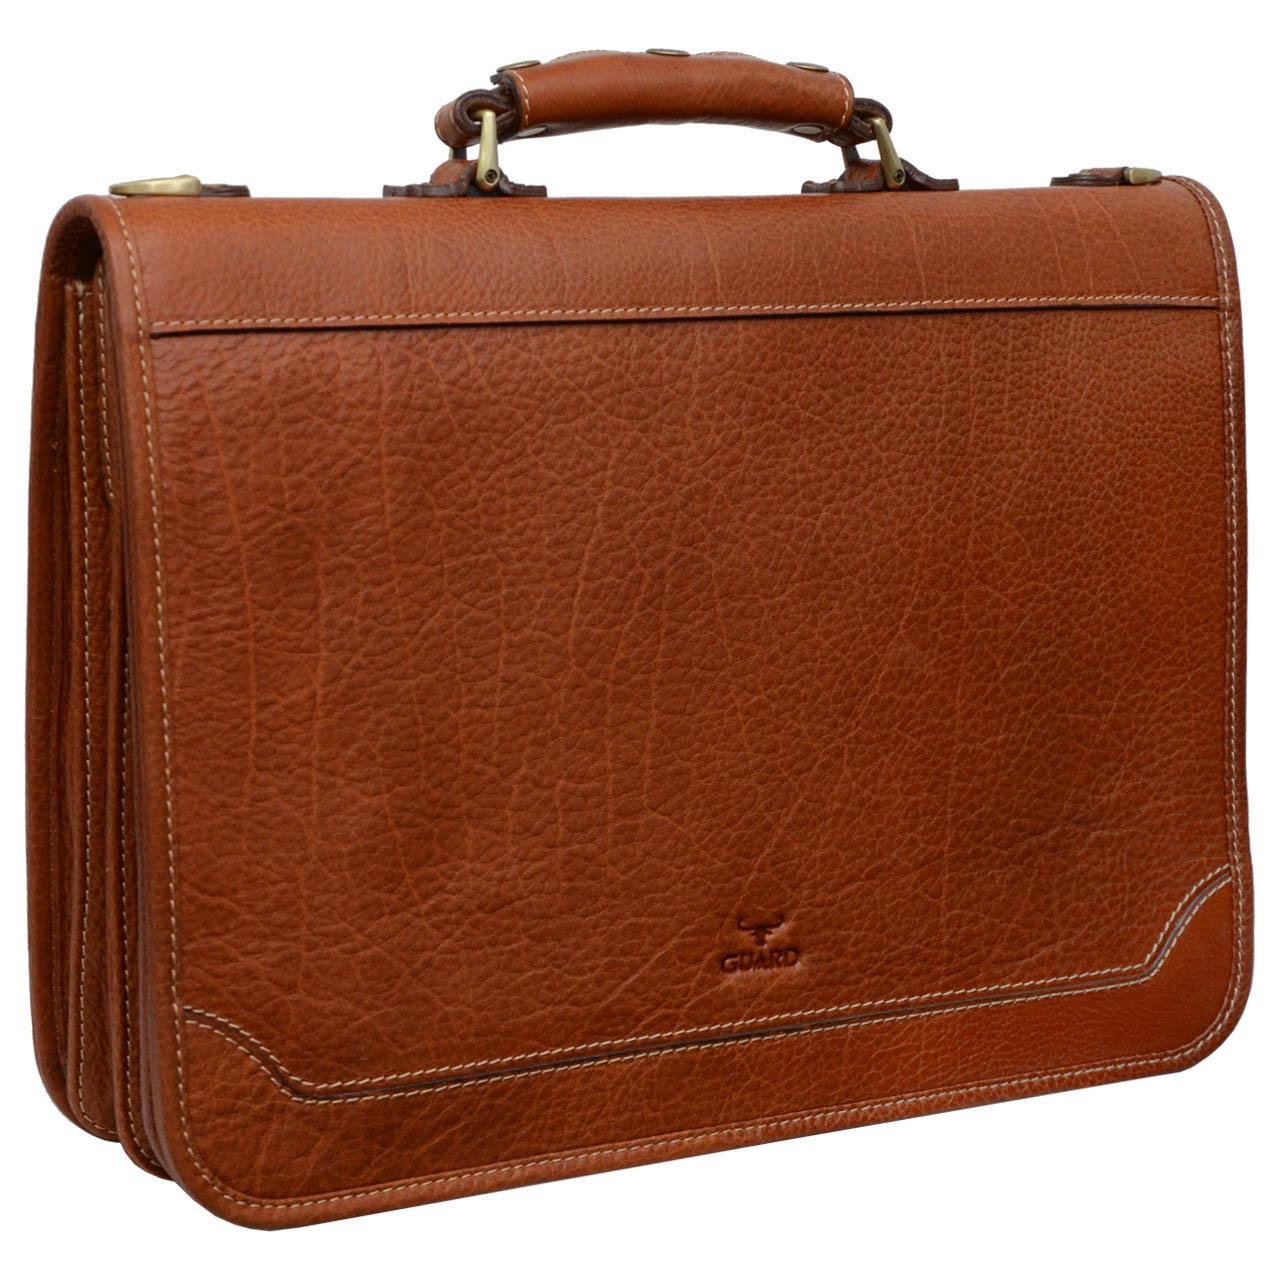 قیمت کیف اداری گارد مدل 11146 FL